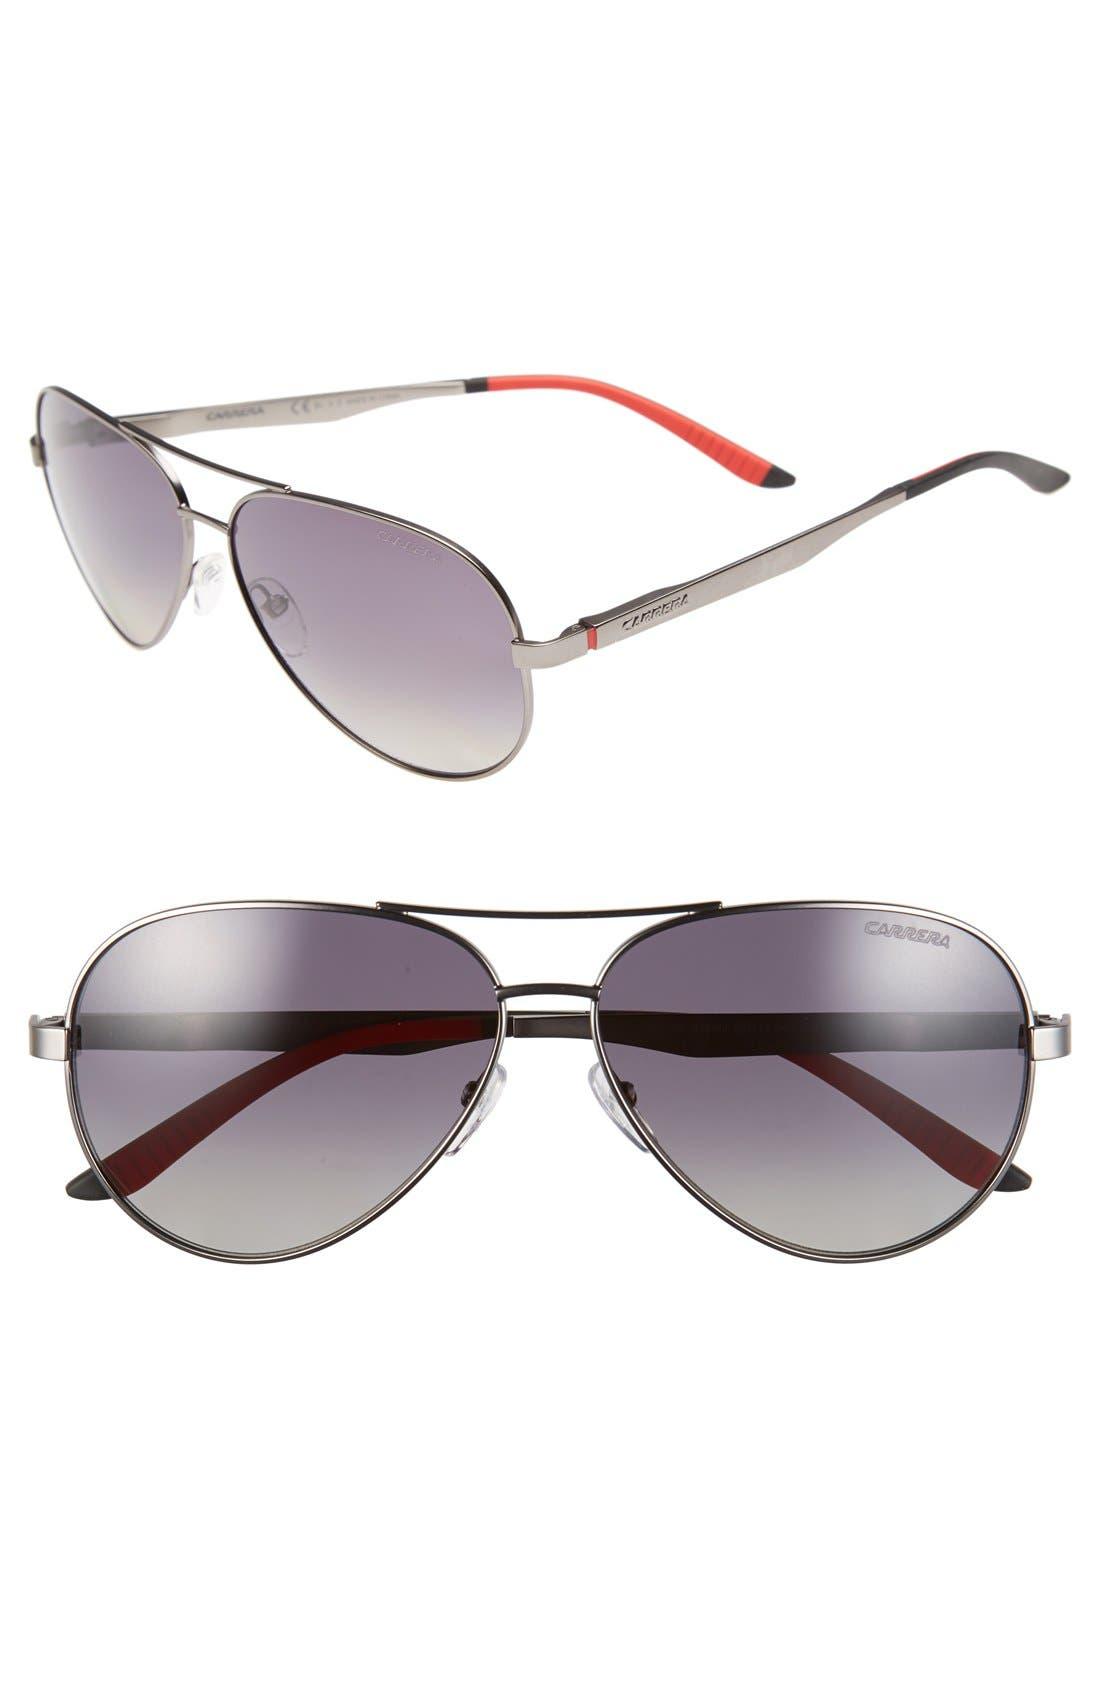 59mm Metal Aviator Sunglasses,                         Main,                         color, Ruthenium/ Grey Gradient